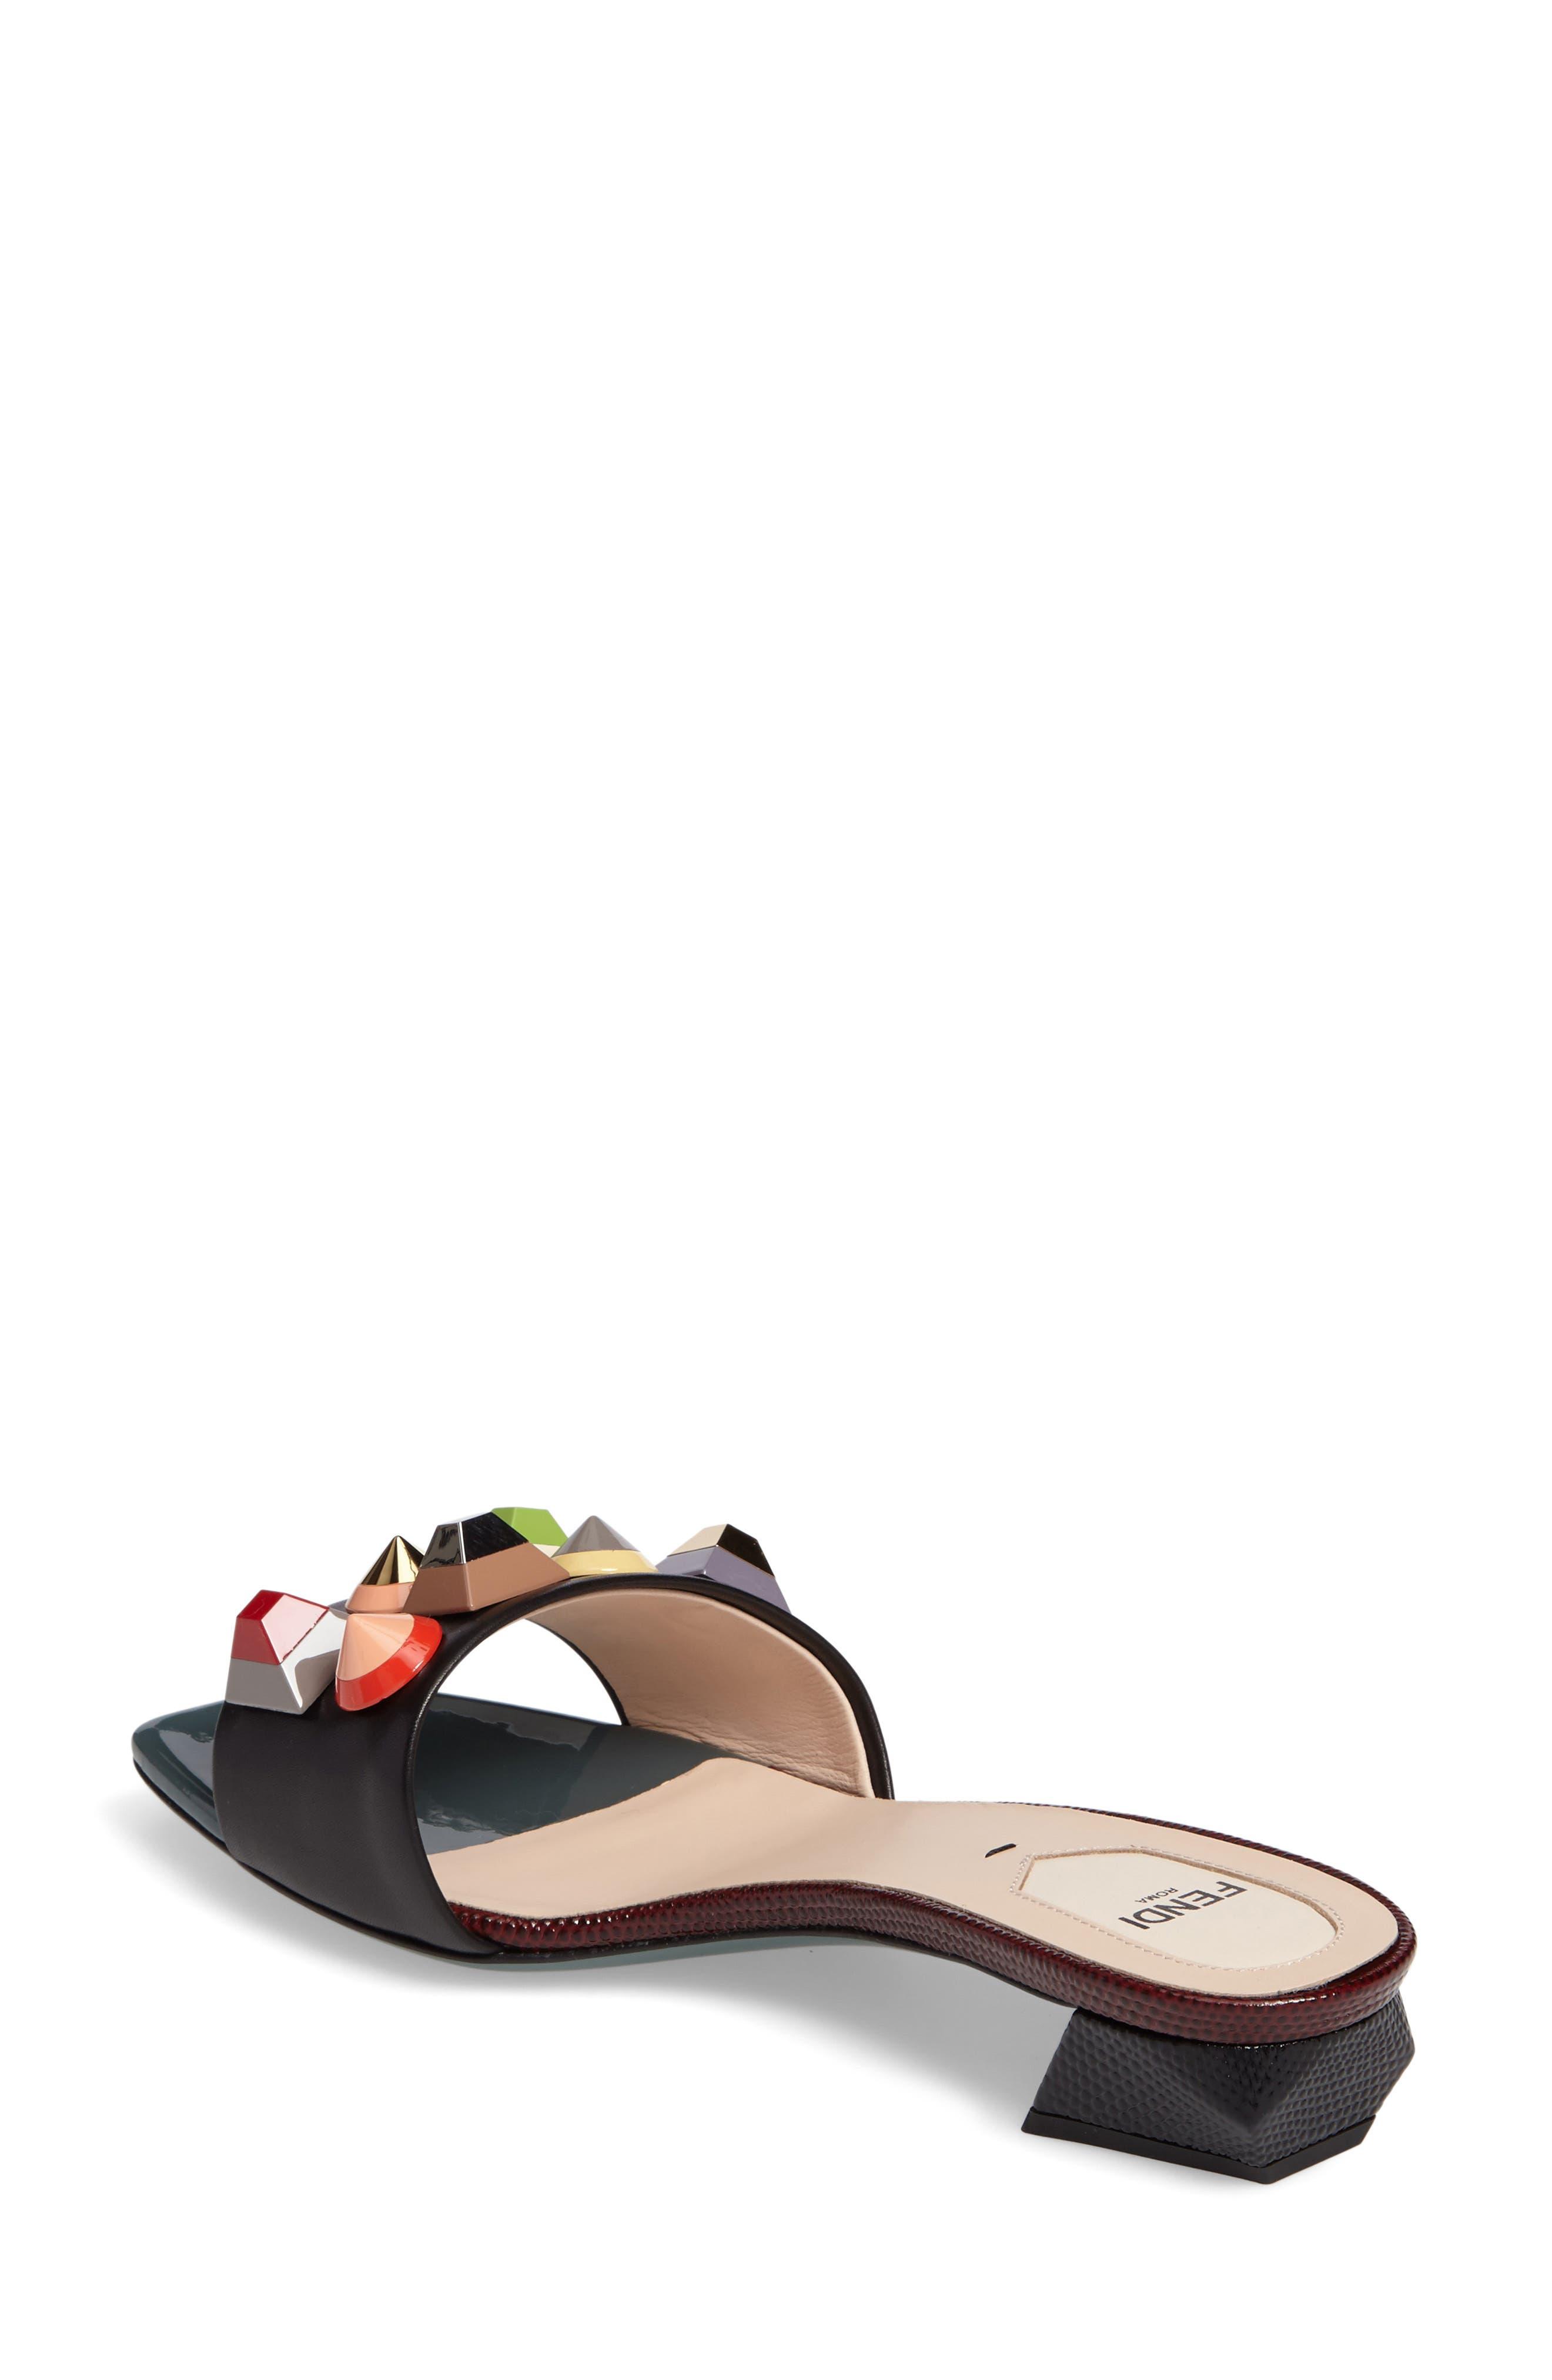 Alternate Image 2  - Fendi Stud Rainbow Slide Sandal (Women)